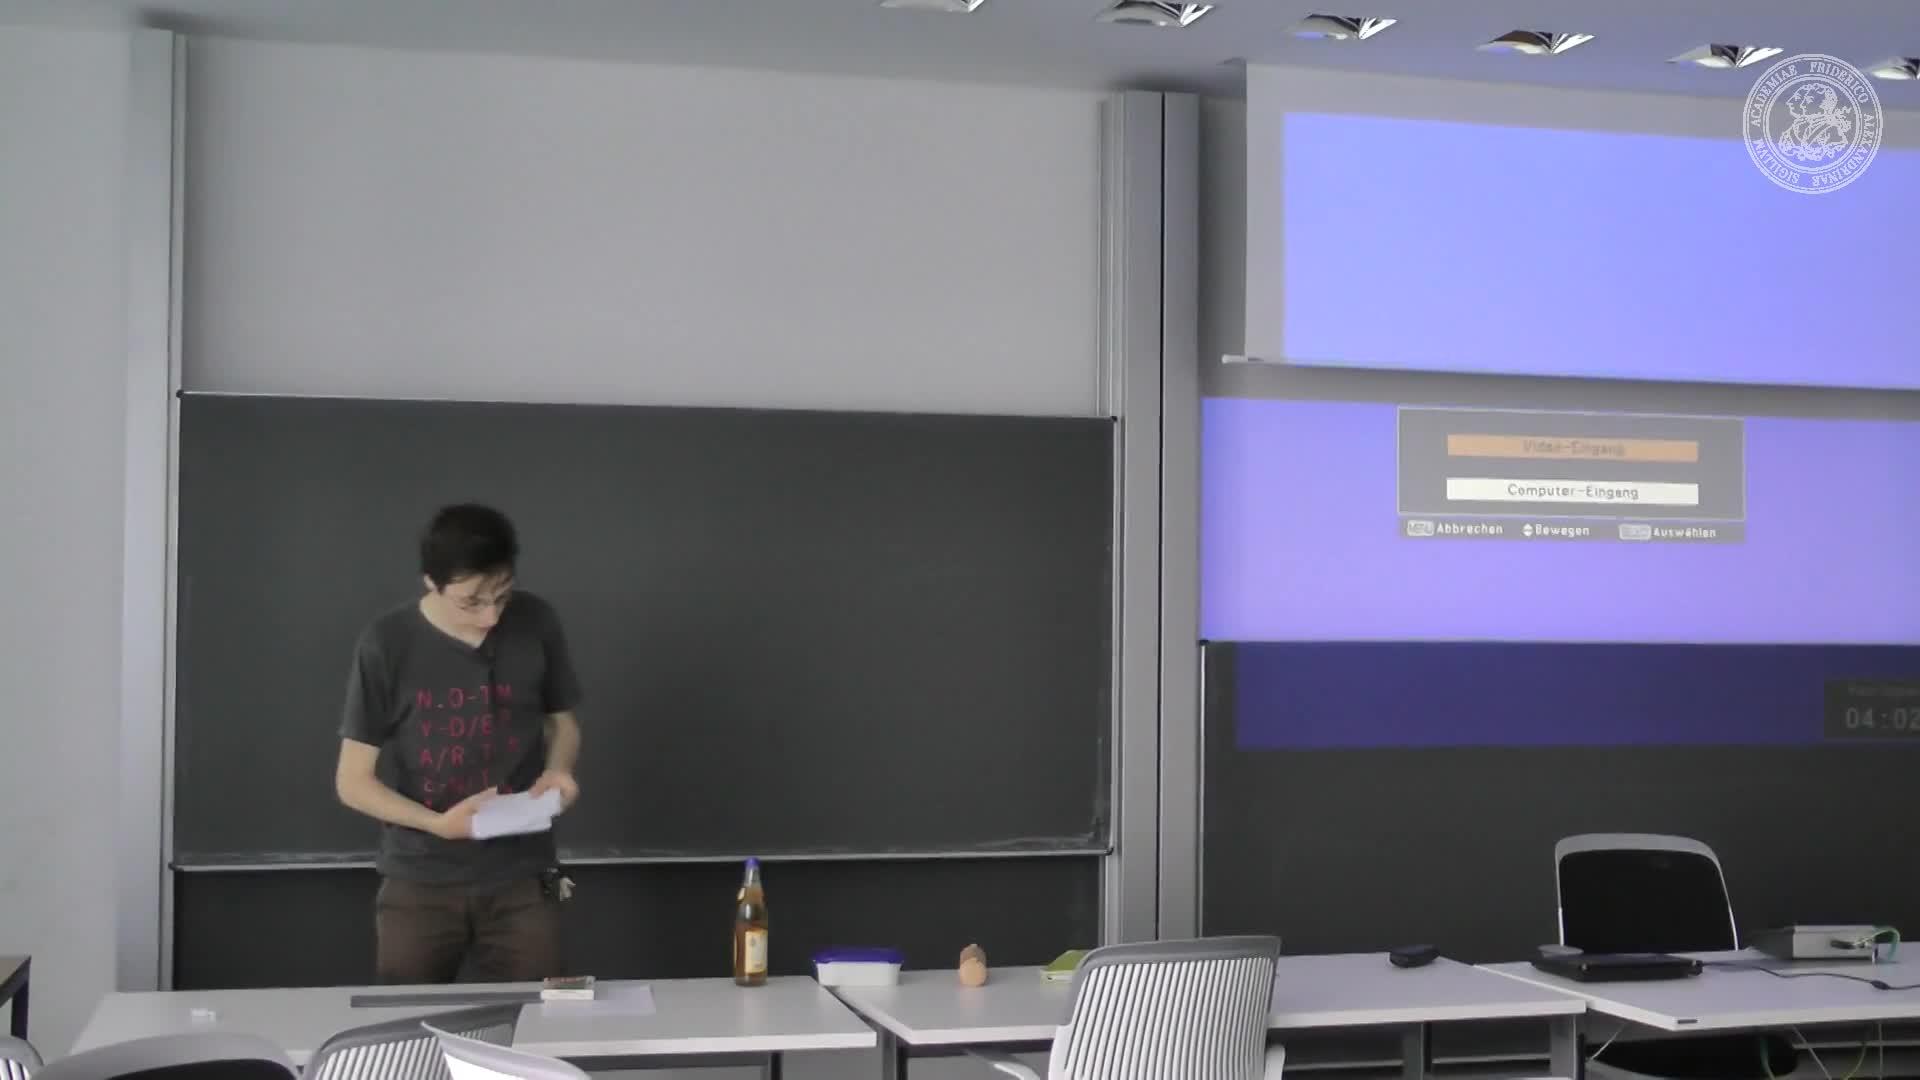 Uebung zu Theorie der Programmierung preview image